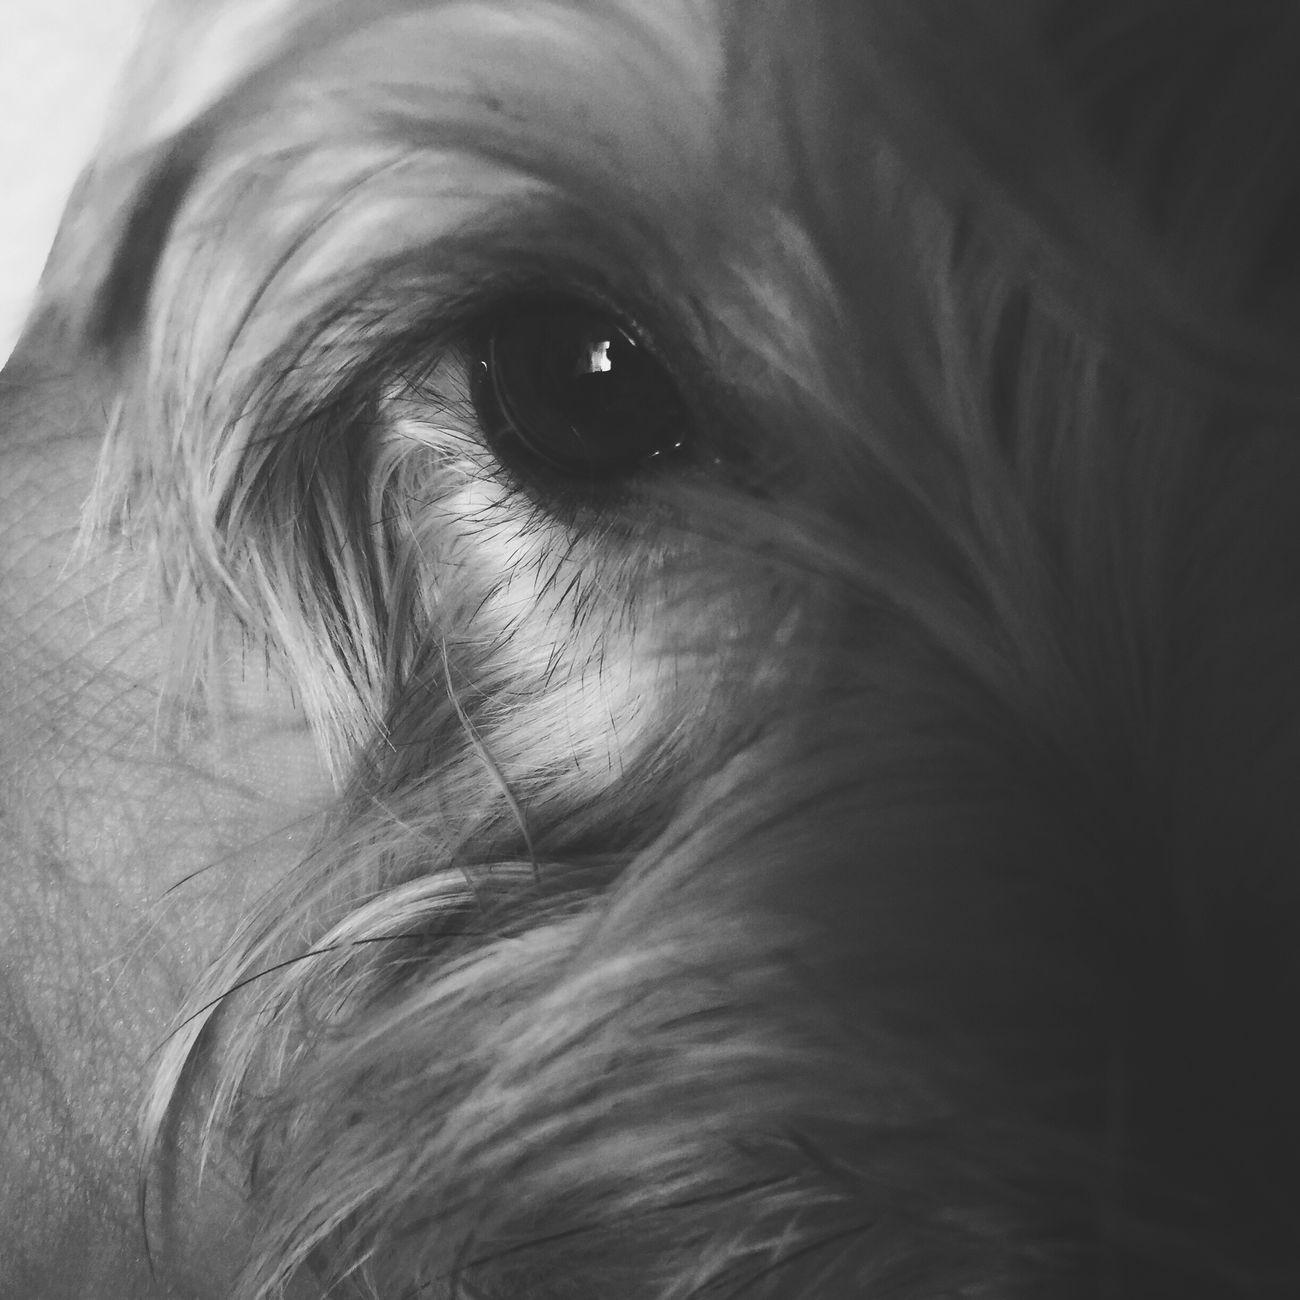 Cuando los ojos de tu 🐶 me dan inspiración 😊